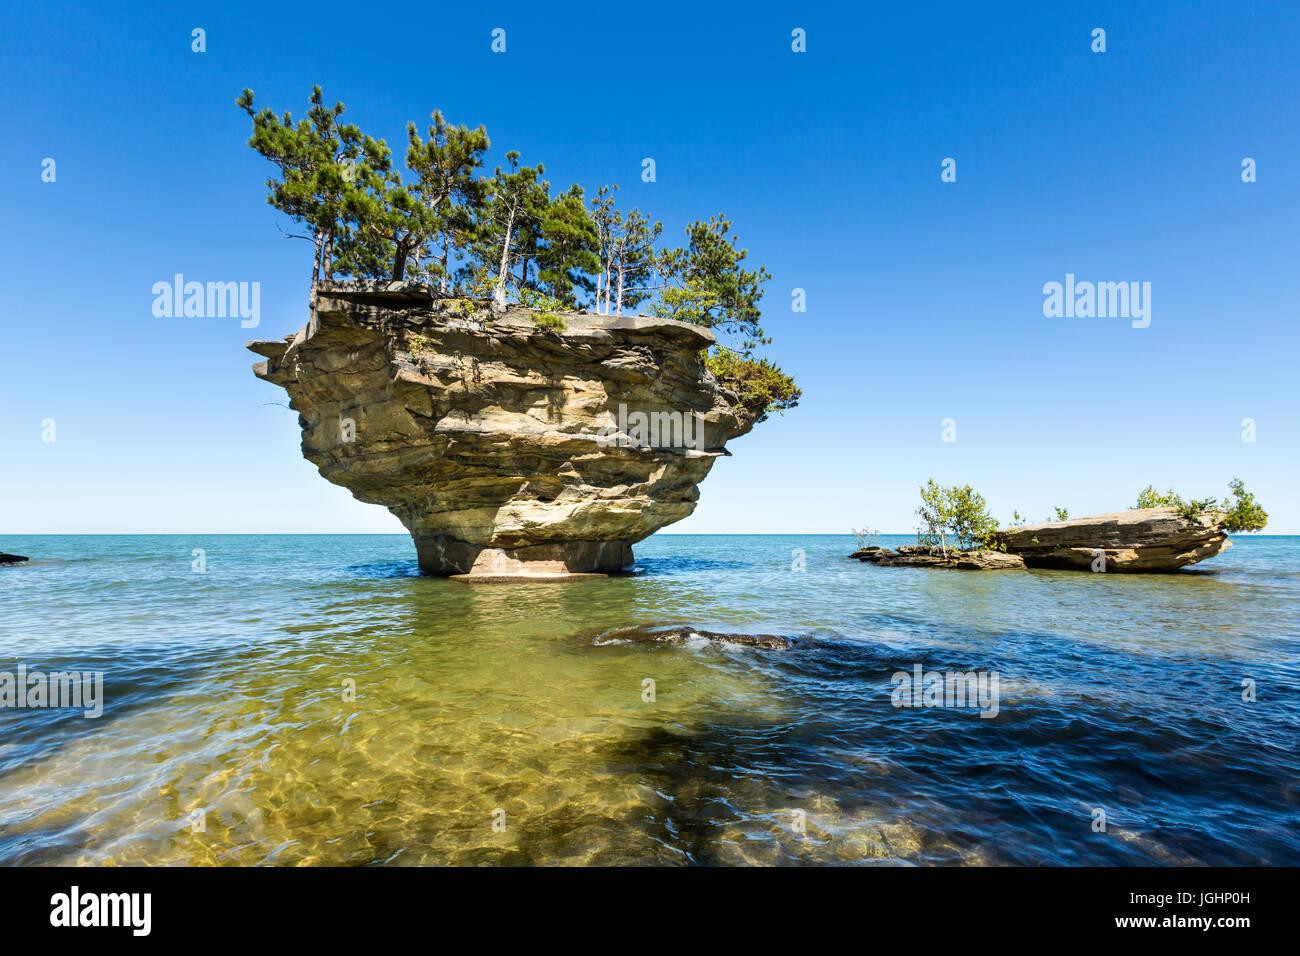 Turnip Rock On Lake Huron In Port Austin Michigan An